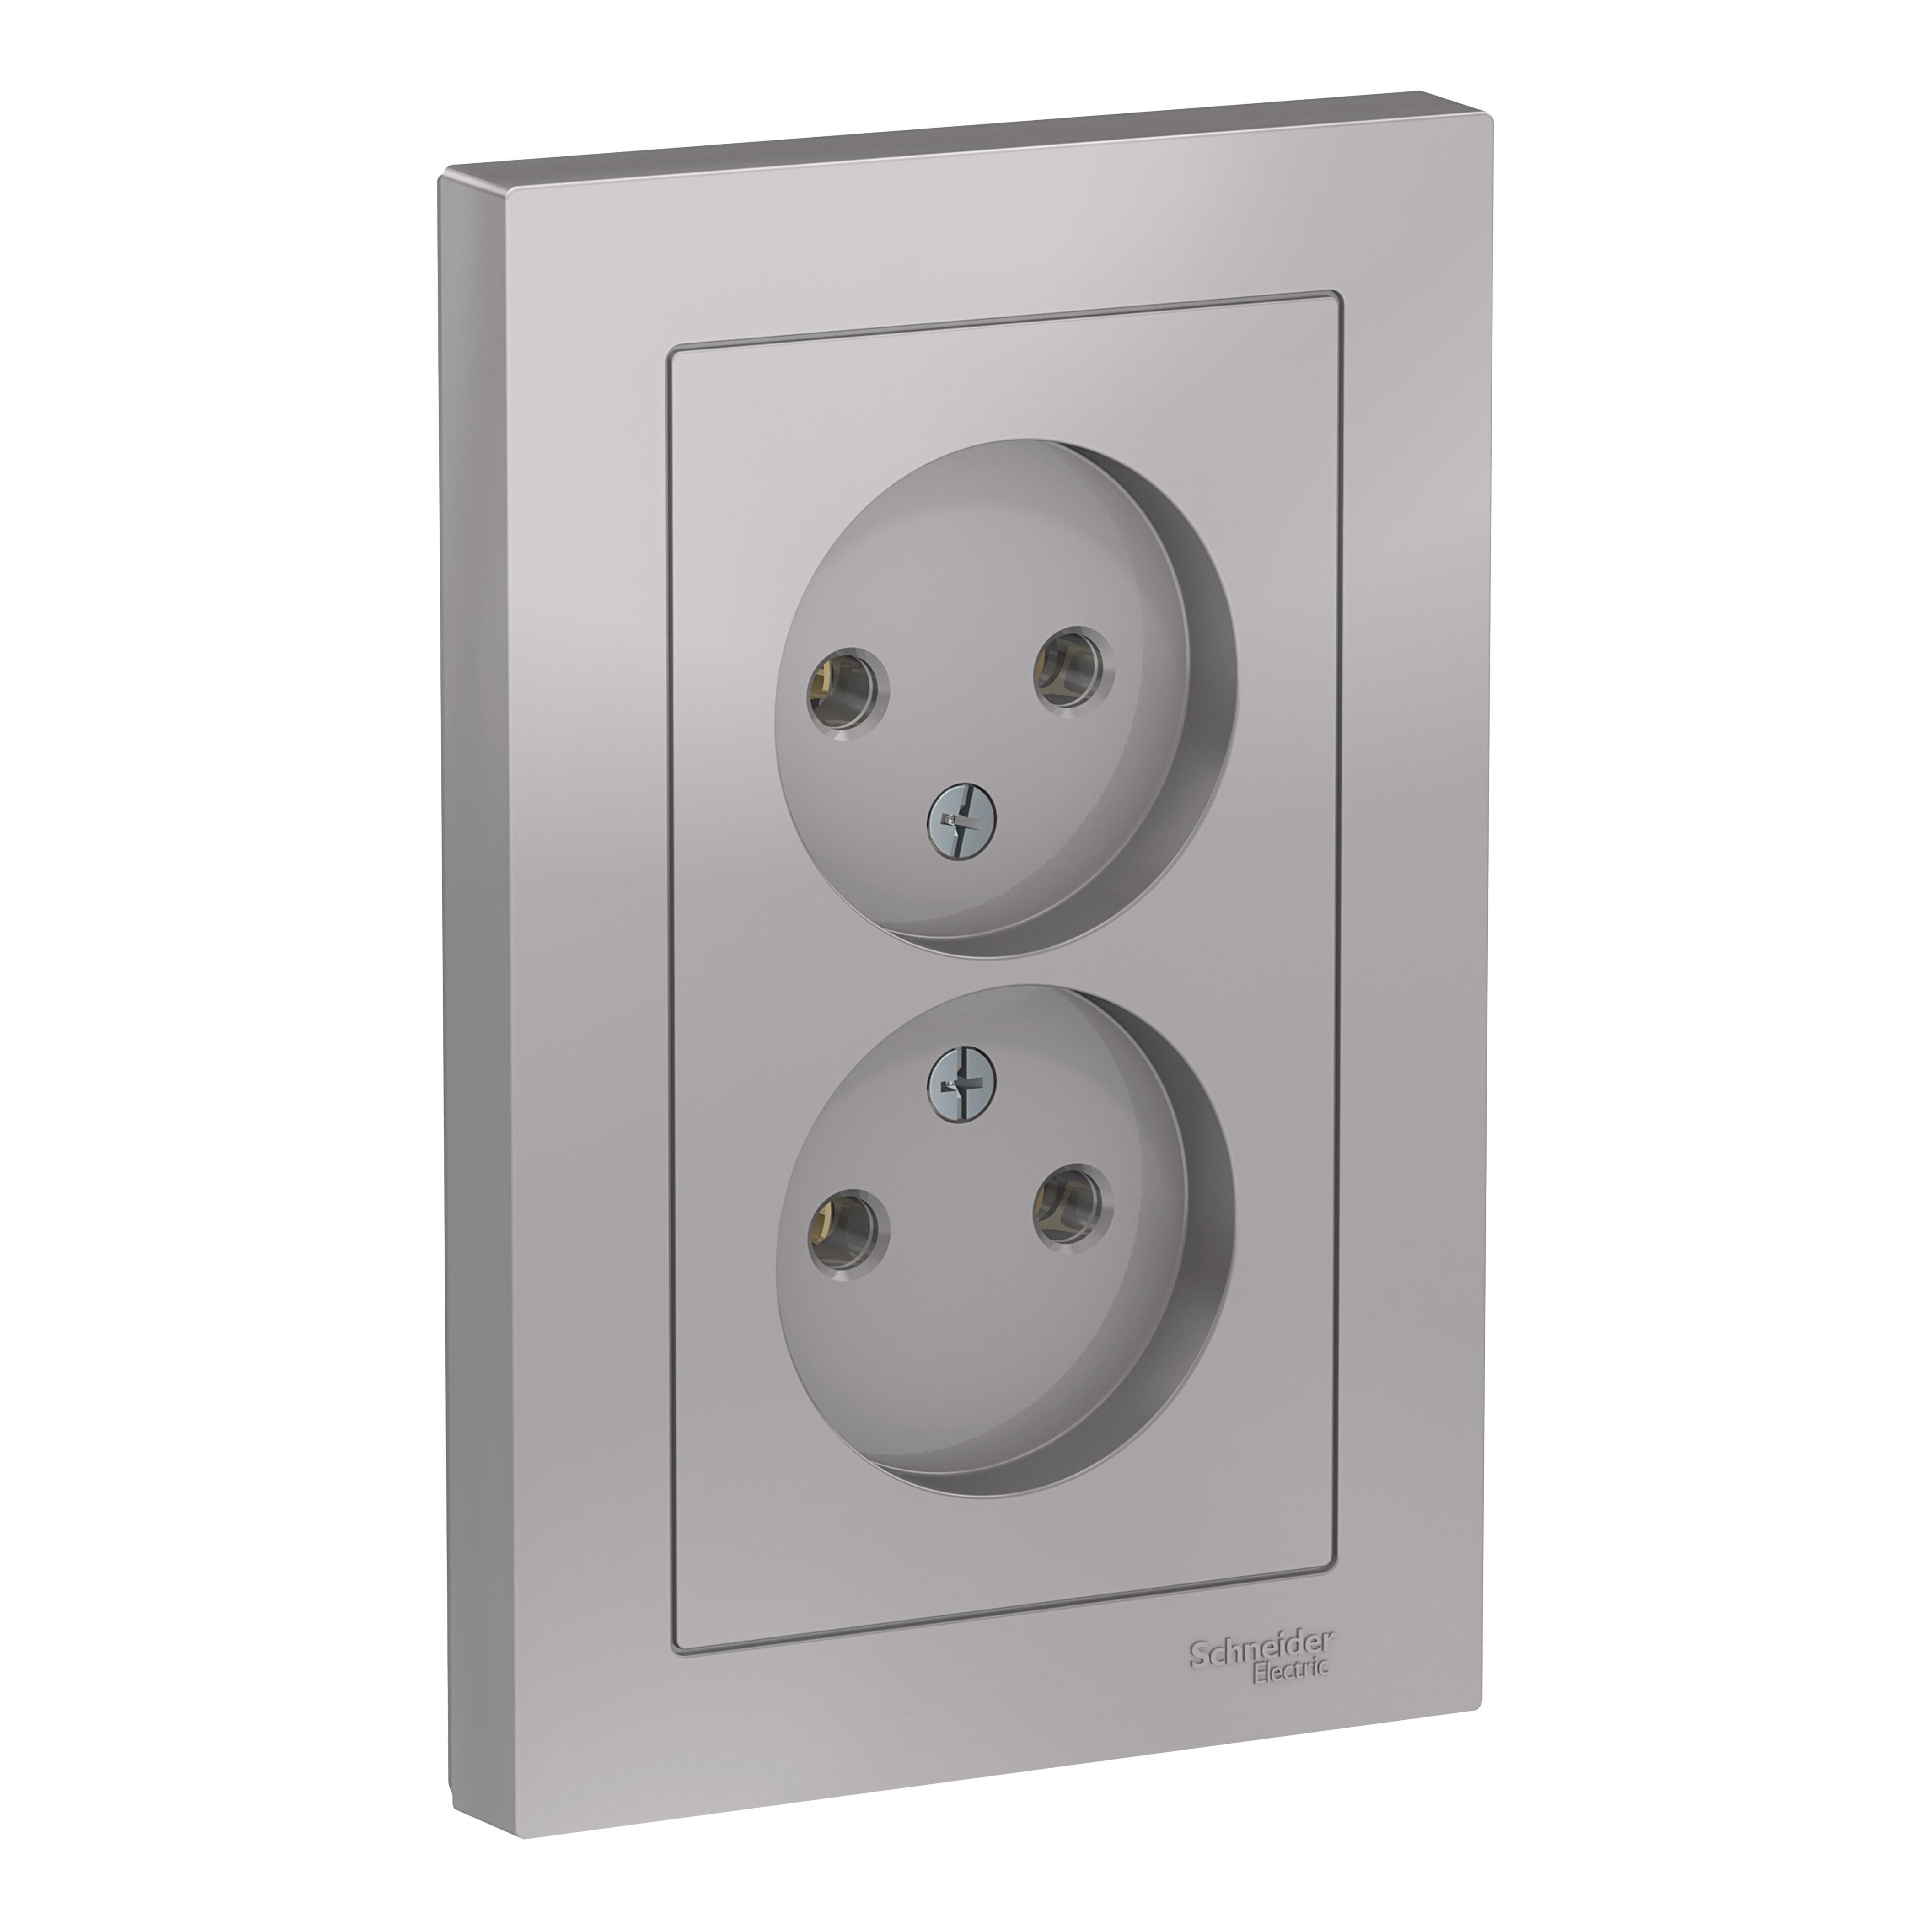 Купить Розетка Schneider electric Atn000320, алюминий